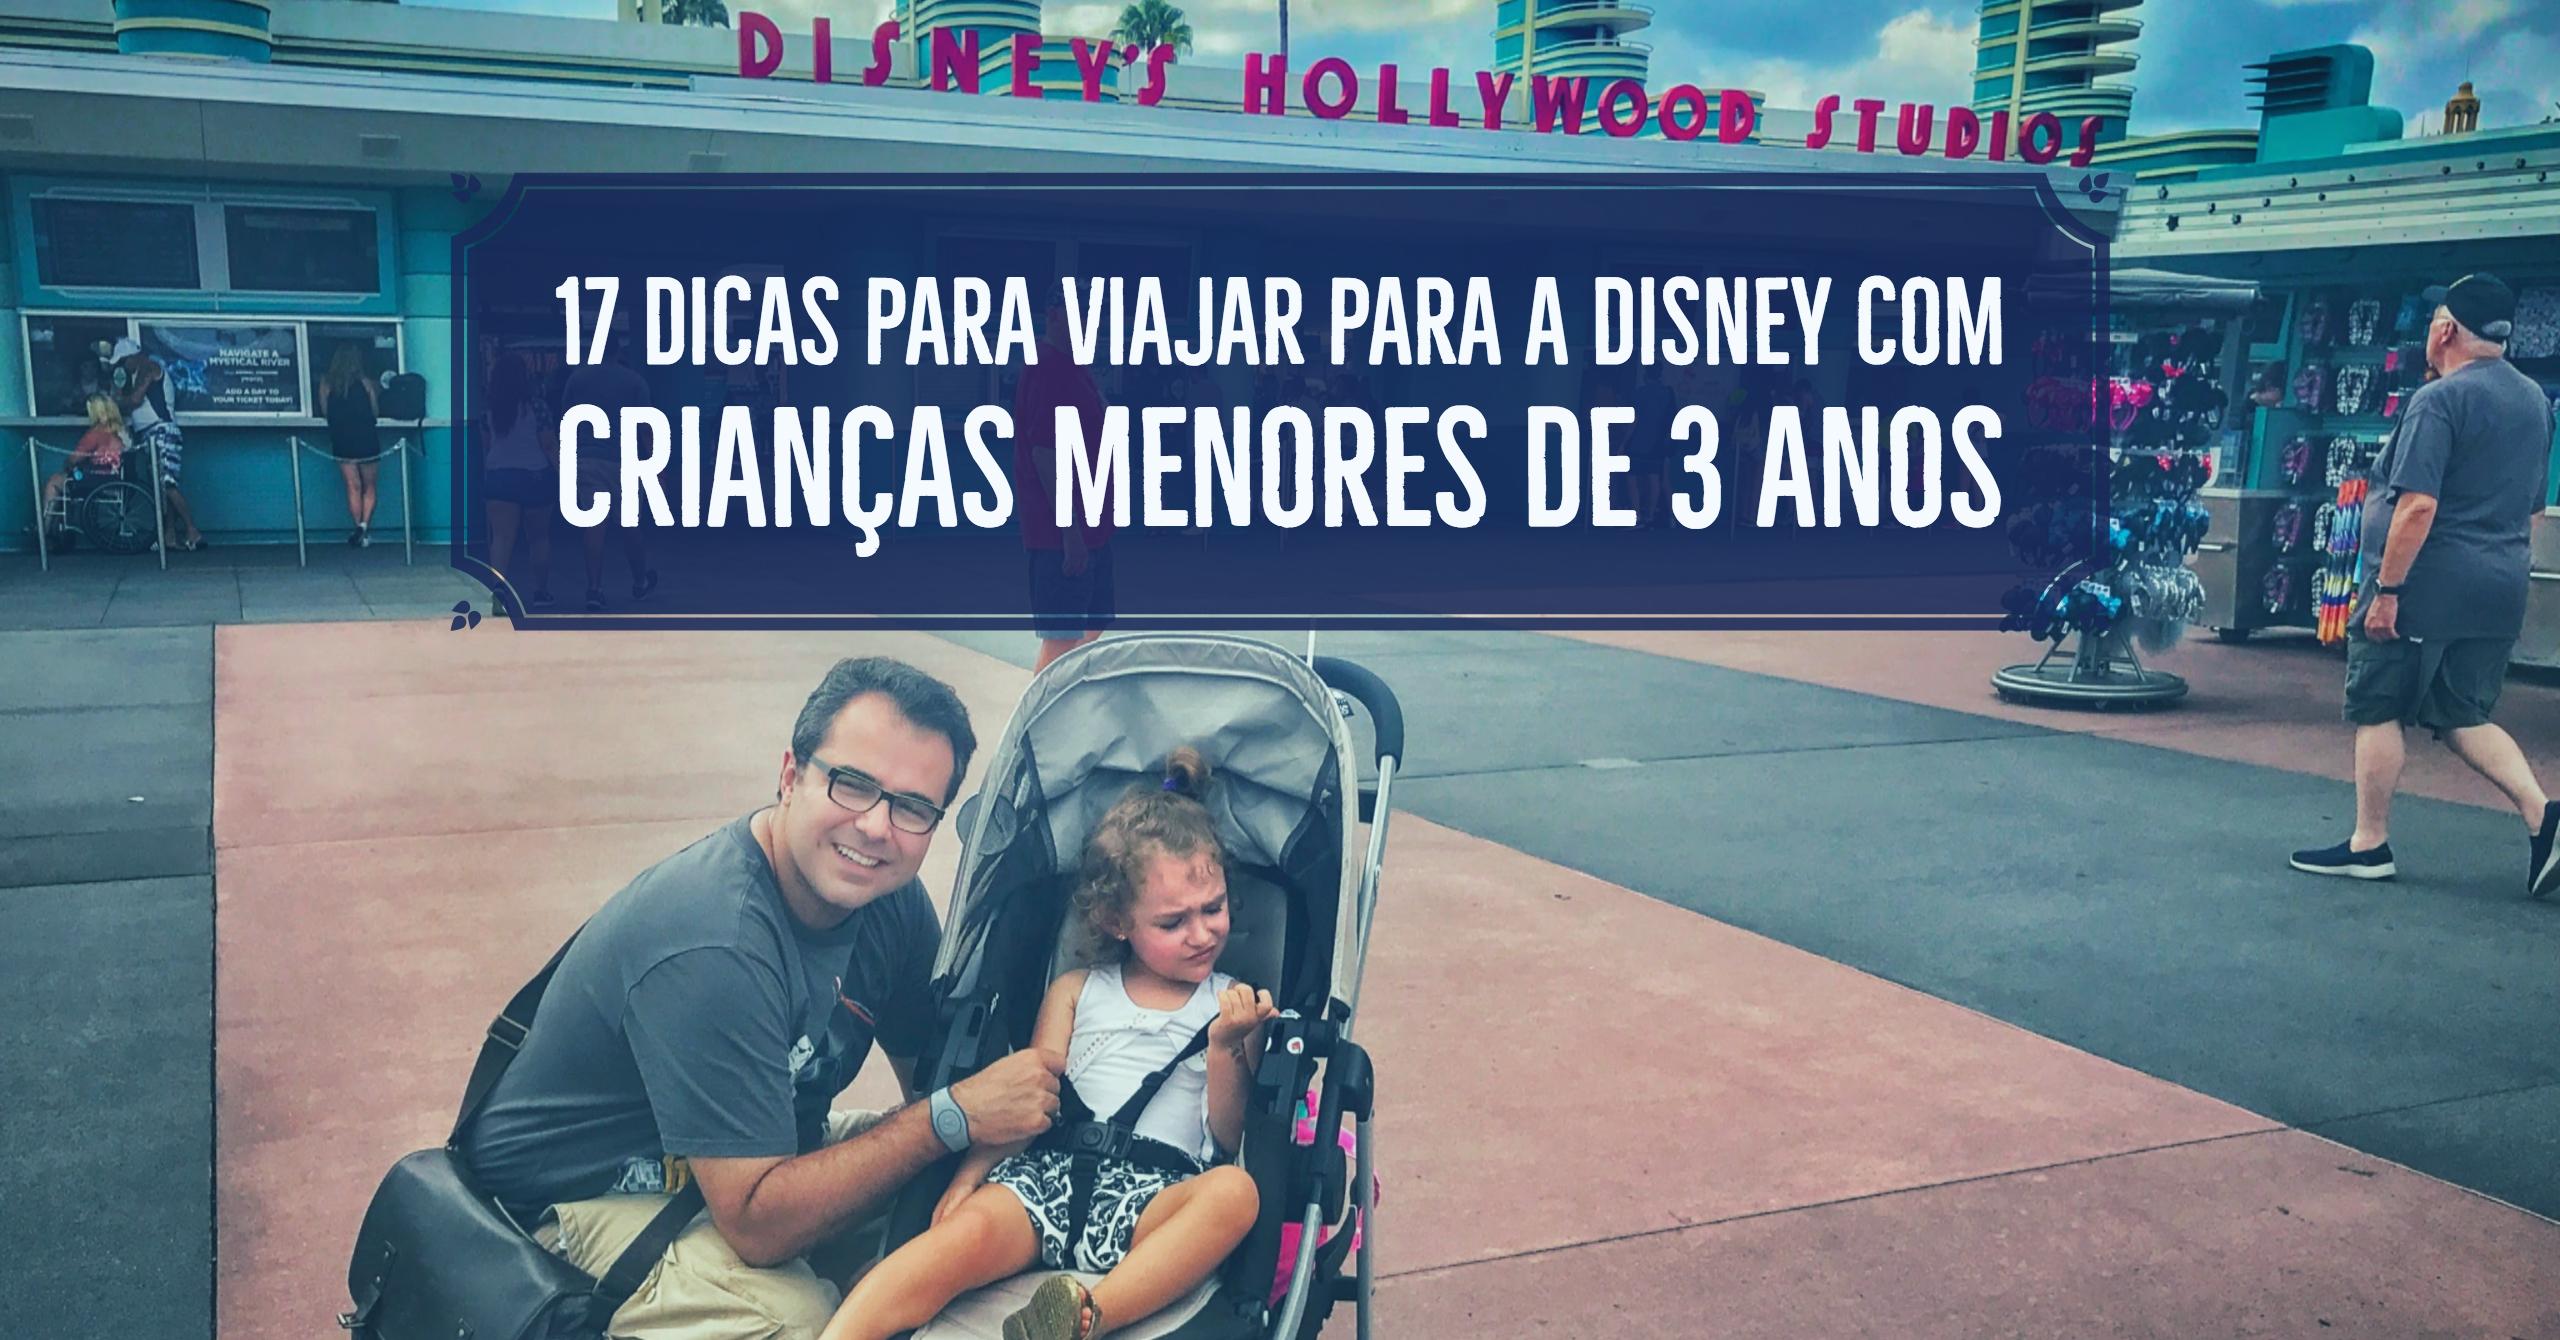 17 Dicas para Viajar para a Disney com crianças menores de 3 anos